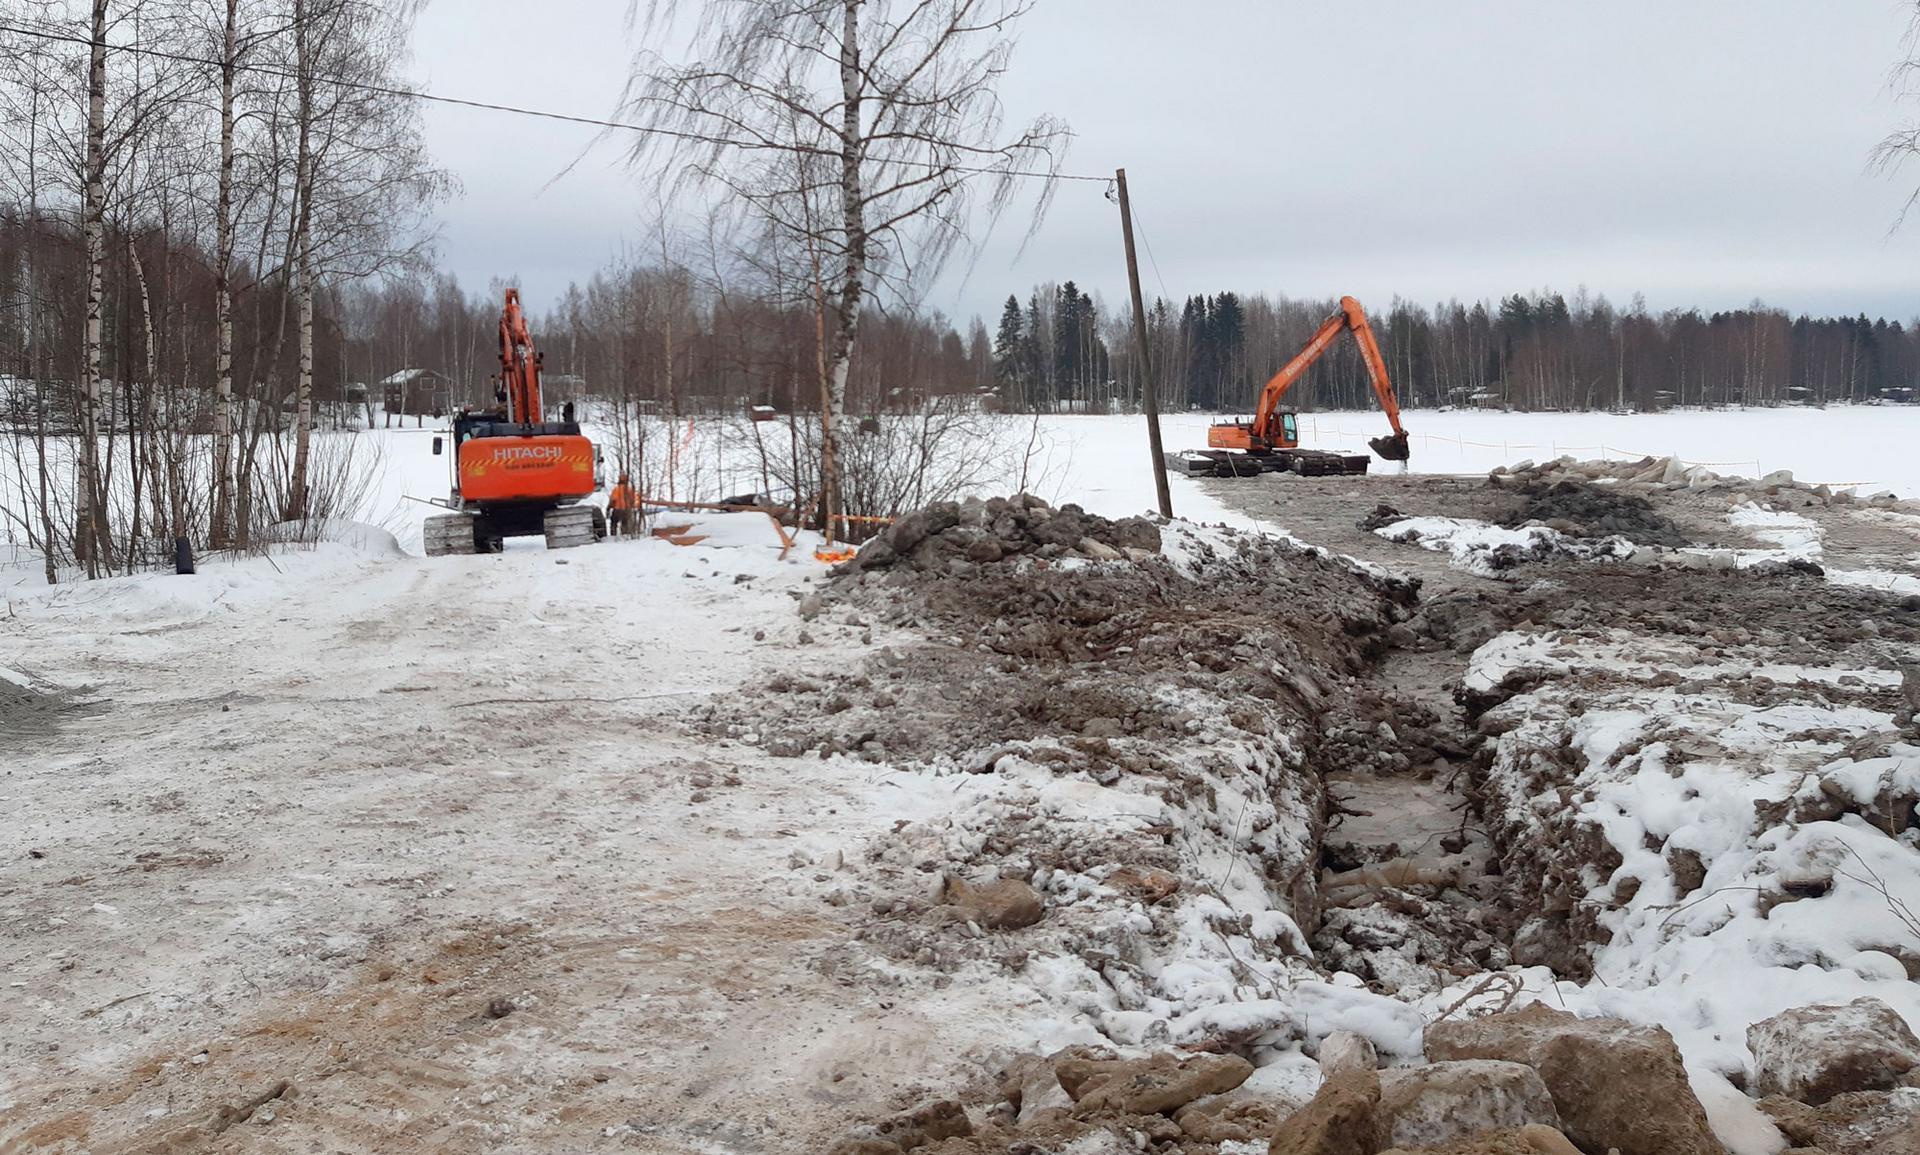 Tarvittava upotusuoma tehtiin pitkäpuomisella kaivinkoneella, joka jään rikkomisen ohessa tasasi pohjaa poistaen putken linjalla lojuneet kivet. Kuva: Arto Hietanen